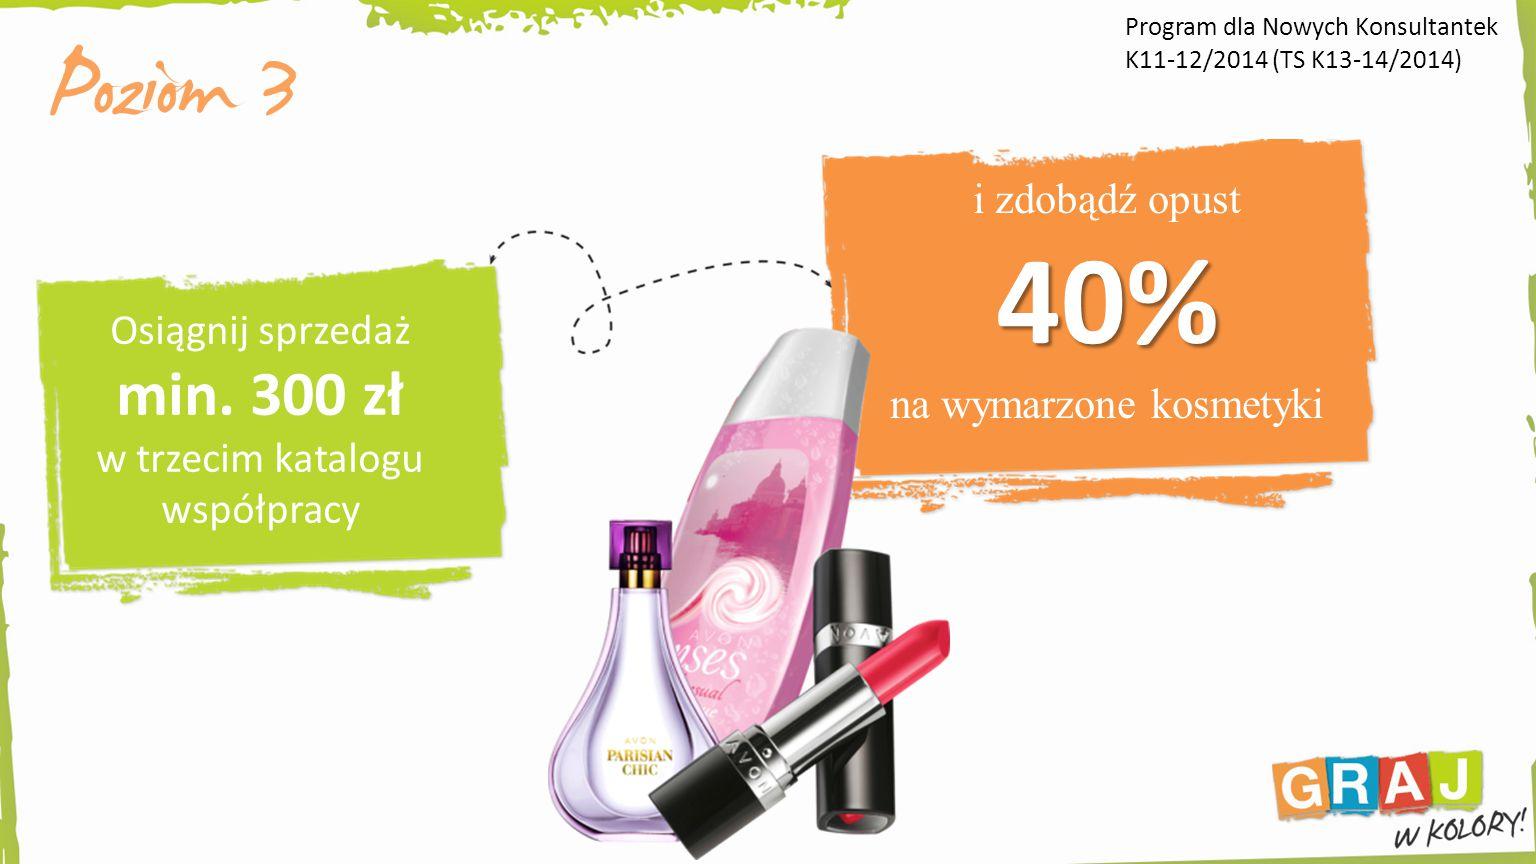 Osiągnij sprzedaż min. 300 zł w trzecim katalogu współpracy 40% i zdobądź opust 40% na wymarzone kosmetyki Program dla Nowych Konsultantek K11-12/2014